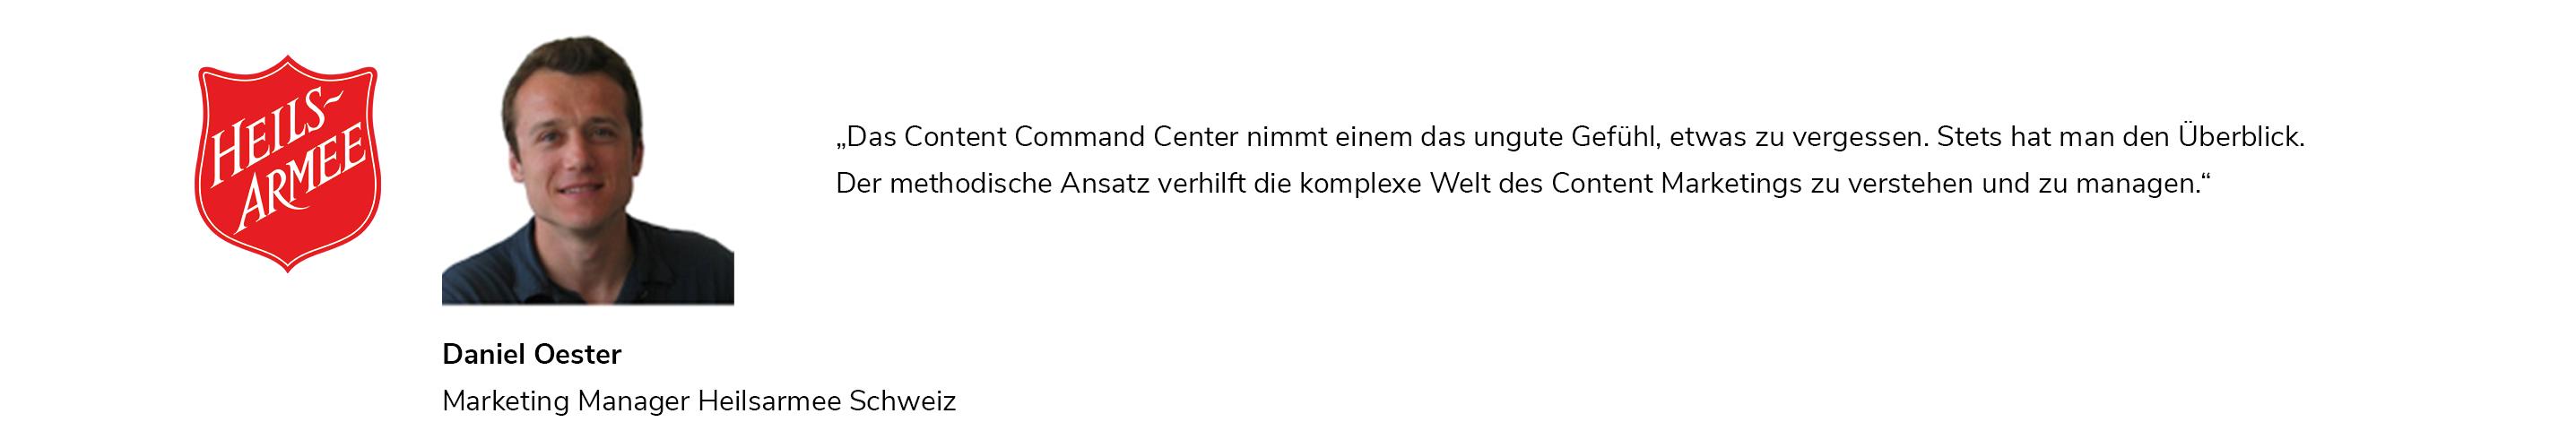 Heilsarmee2 Scompler Quotes CCC LP-1